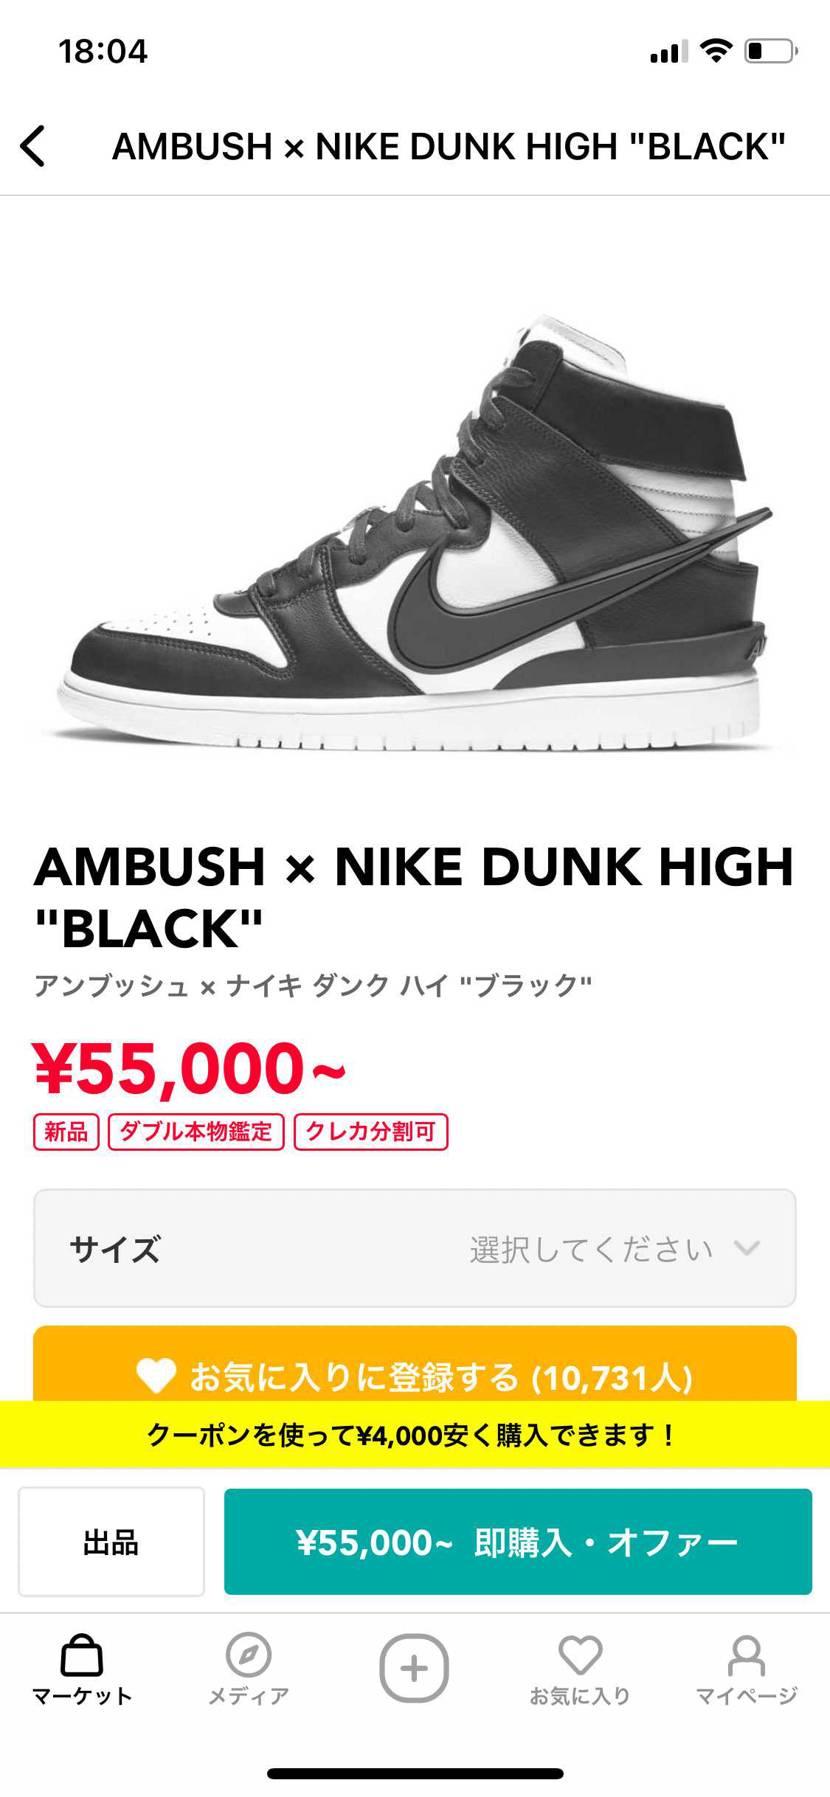 買うならどれですかね?かなり悩みます。